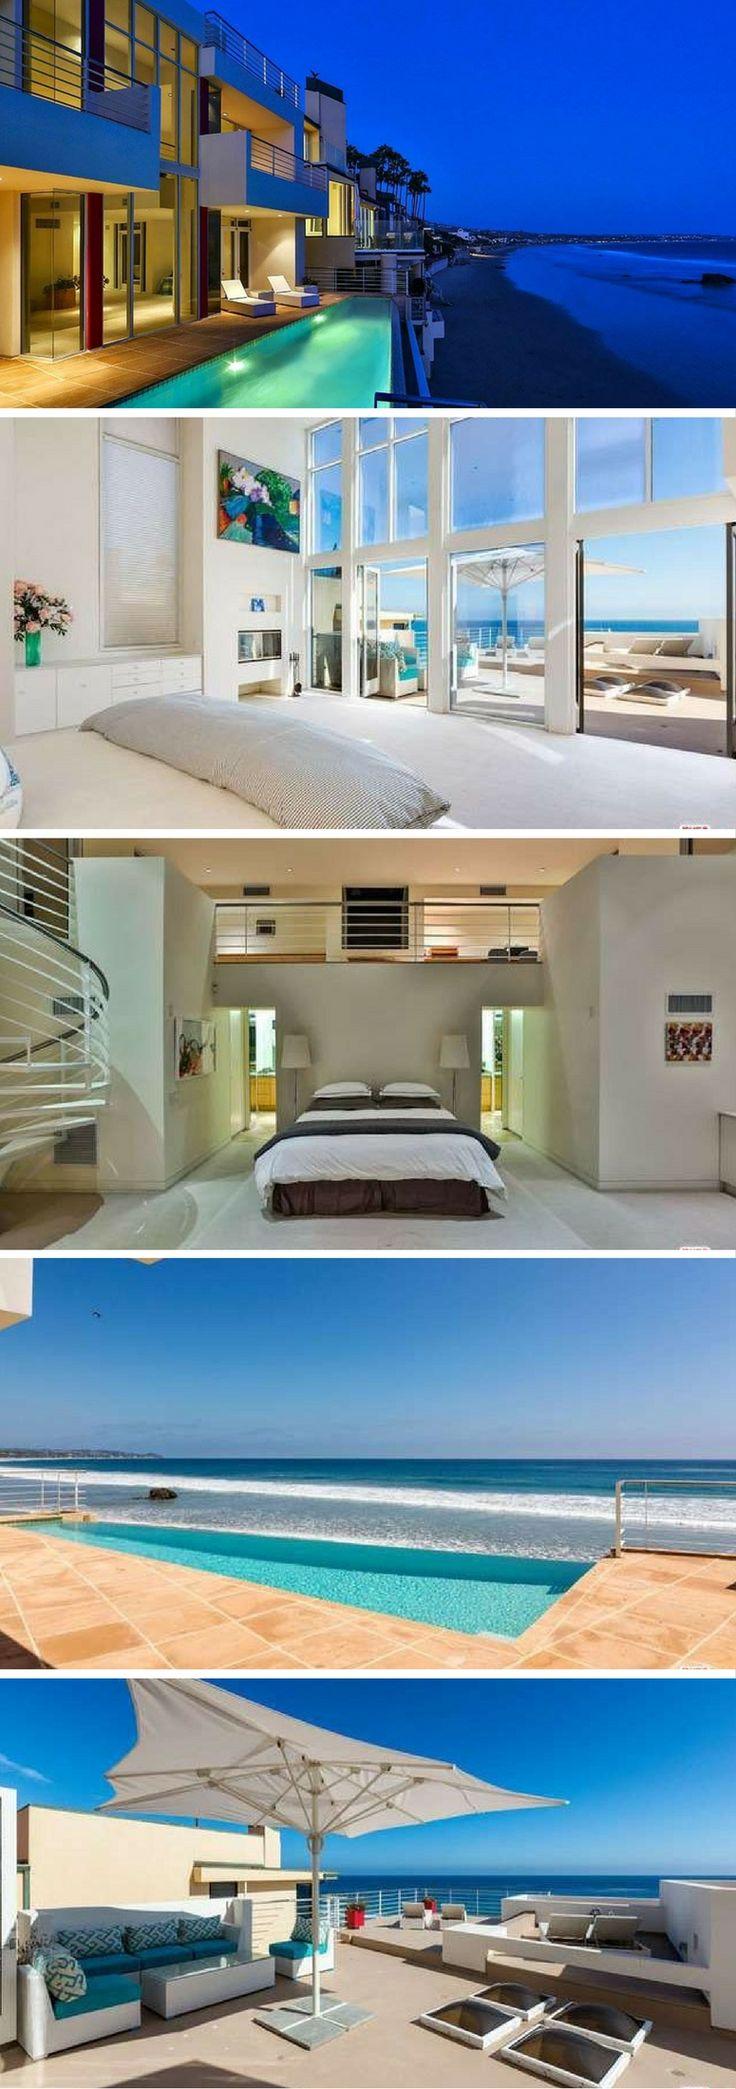 best beach destinations images on pinterest beach homes beach